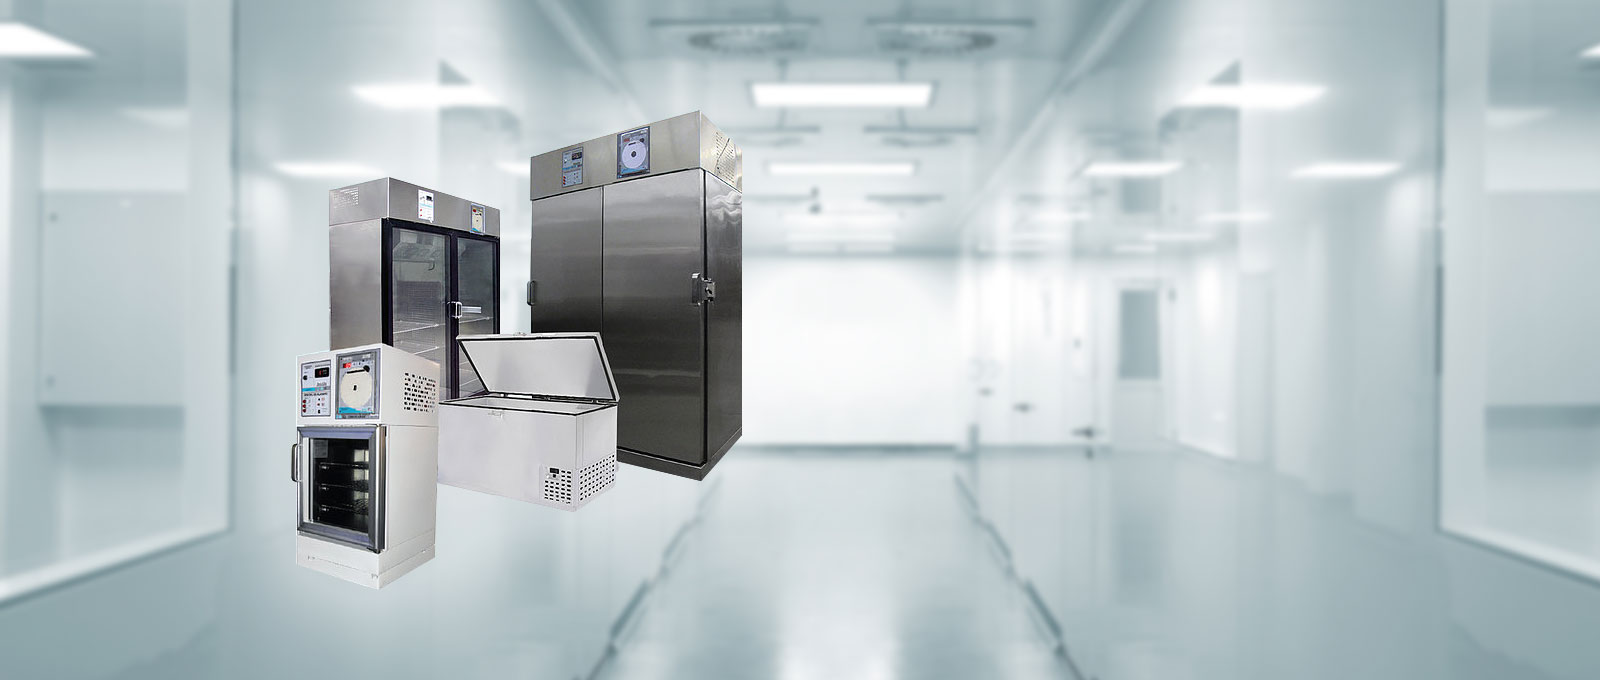 soluciones-en-refrigeracion-industria-farmaceutica